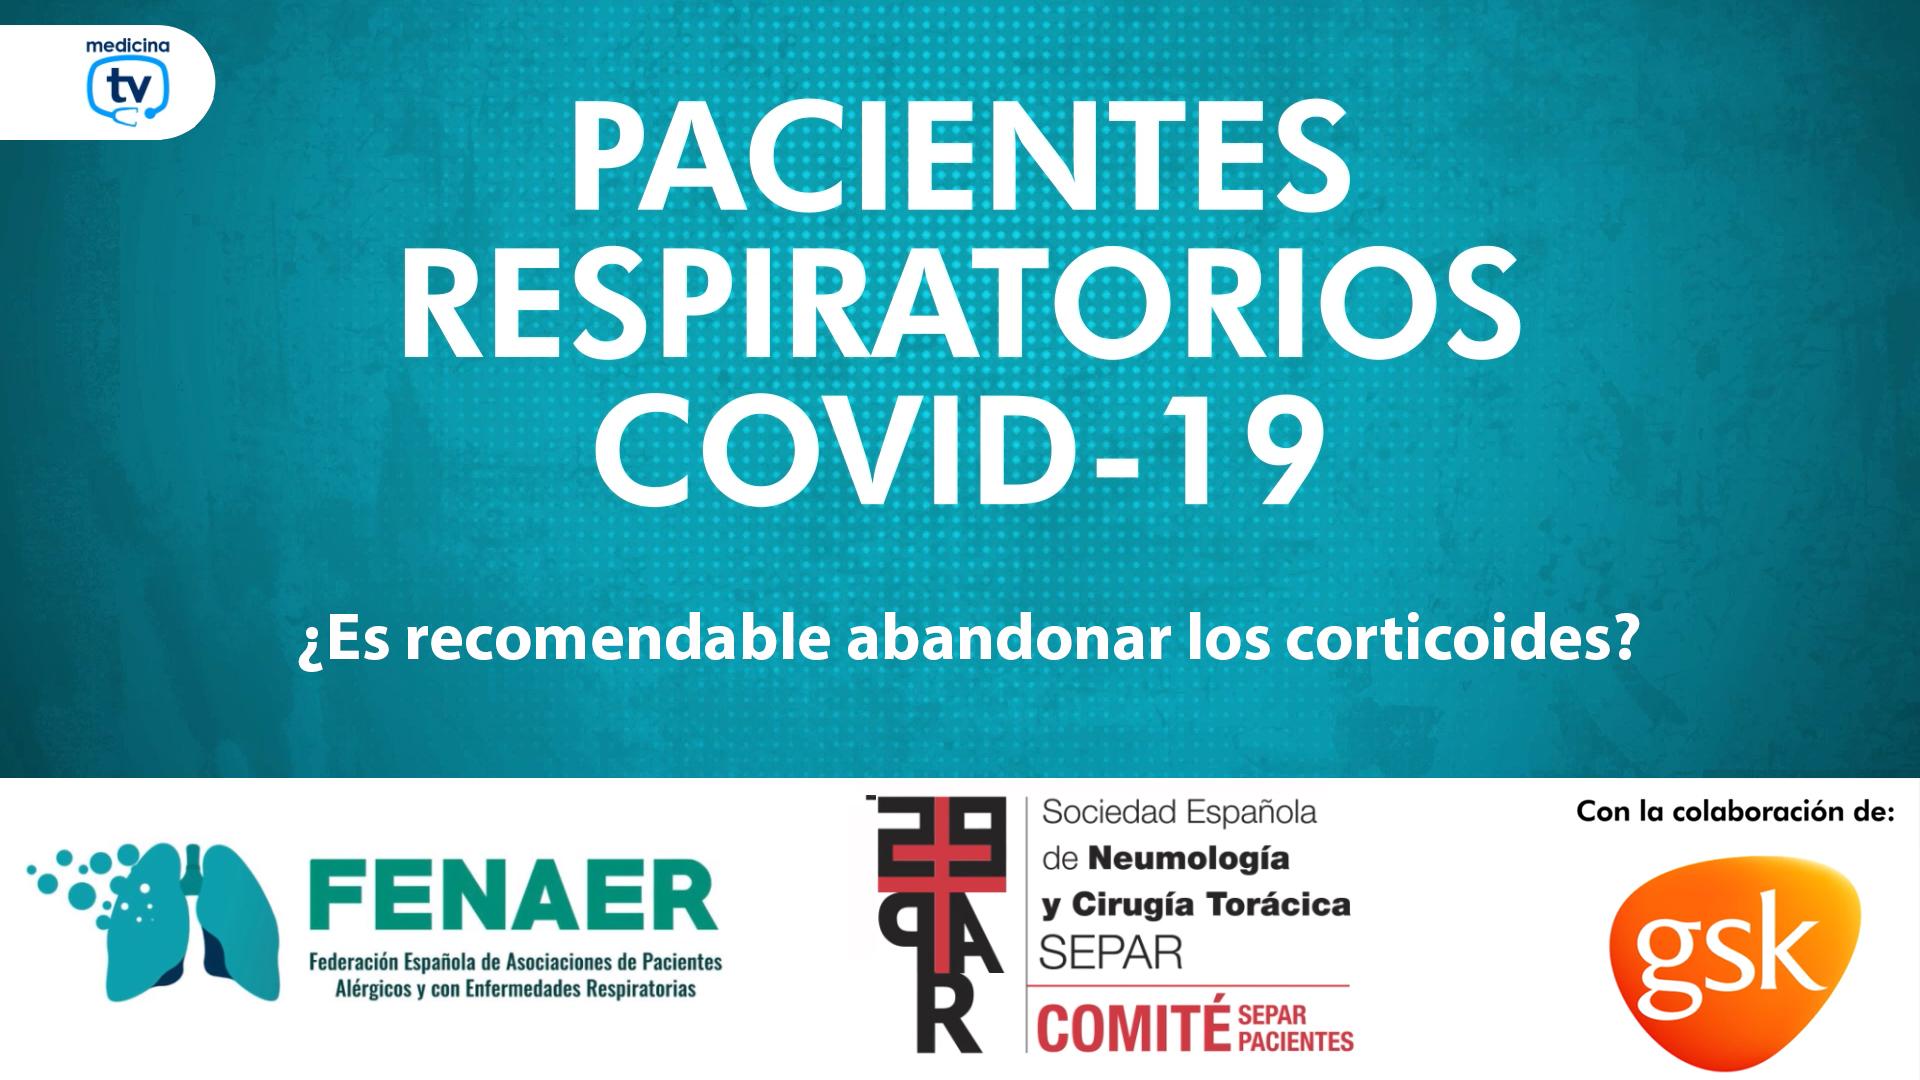 Los pacientes con asma o EPOC deben mantener sus tratamientos con corticoides durante la pandemia